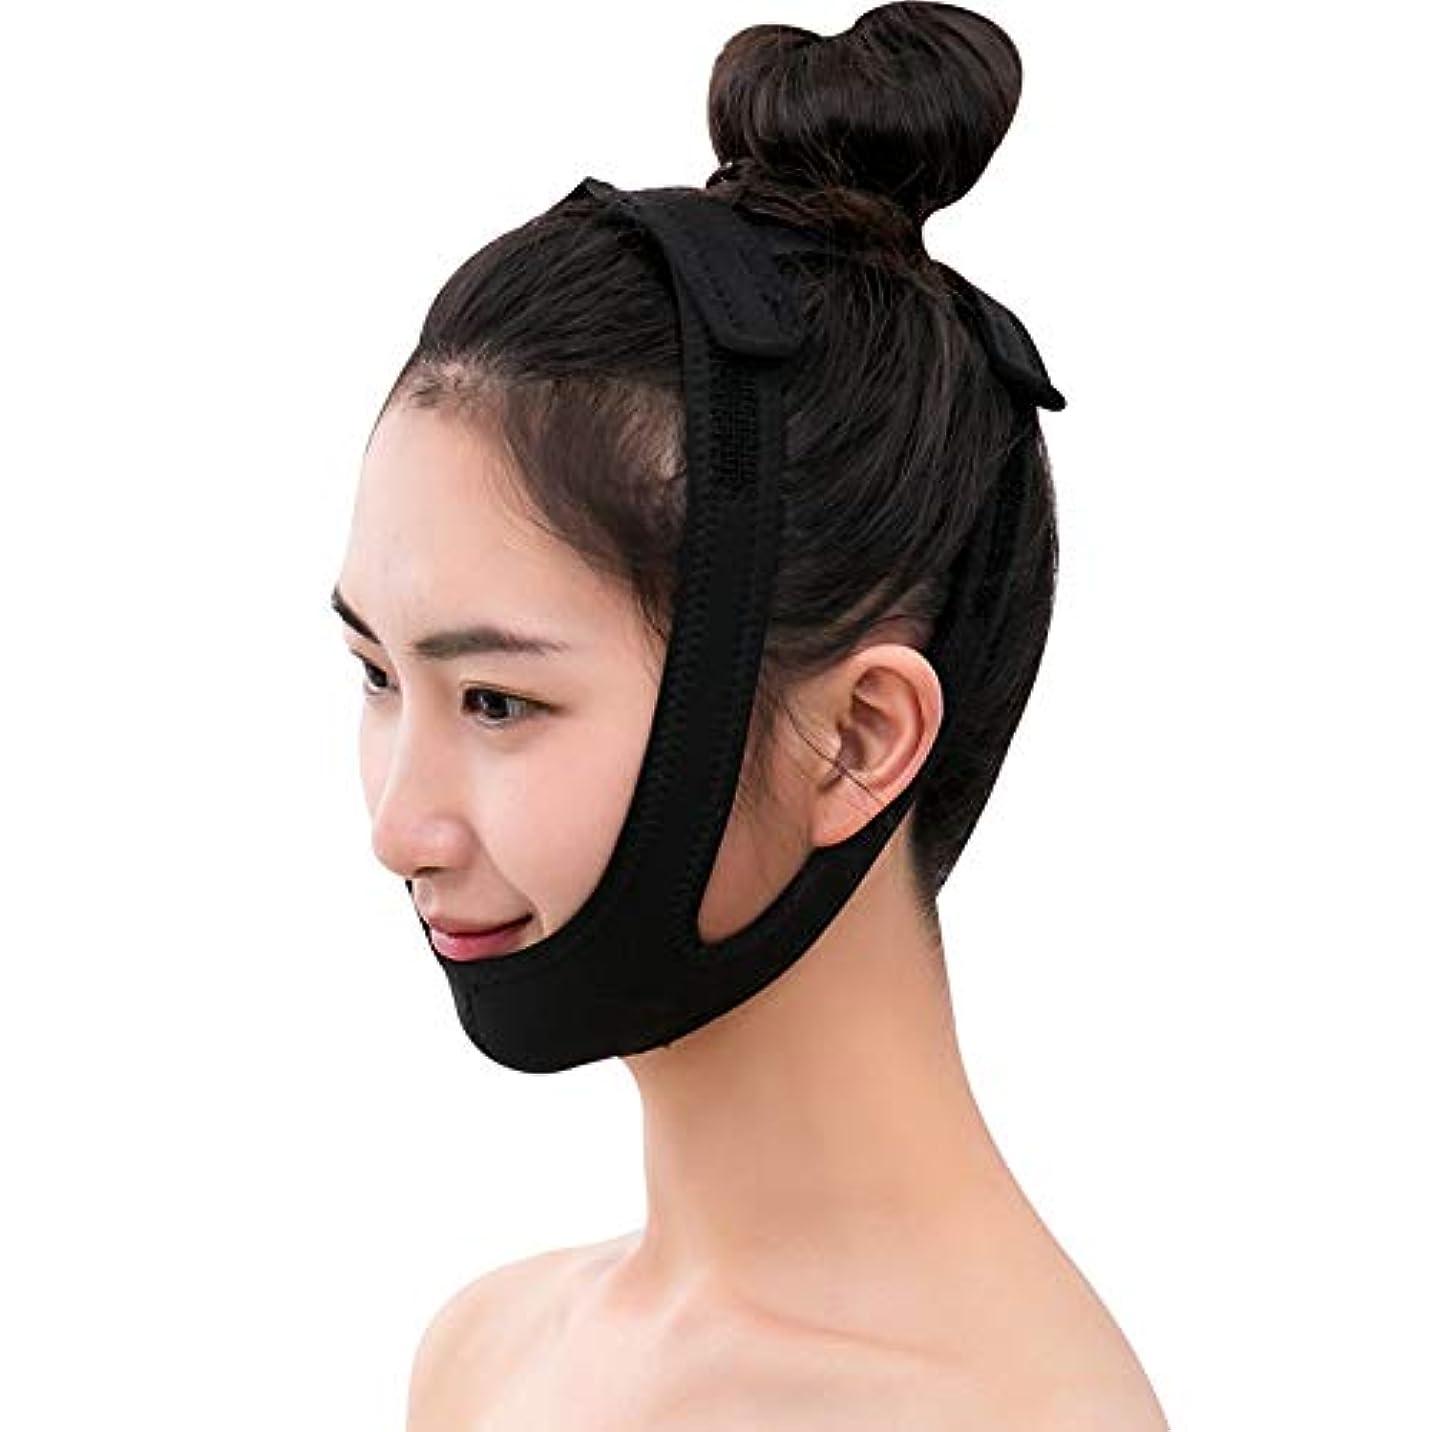 生理受信谷薄いフェイスバンド - 薄い顔の包帯ビューティーインストゥルメントフェイシャルリフト睡眠マスク法Vフェイスマスクの通気性を作る